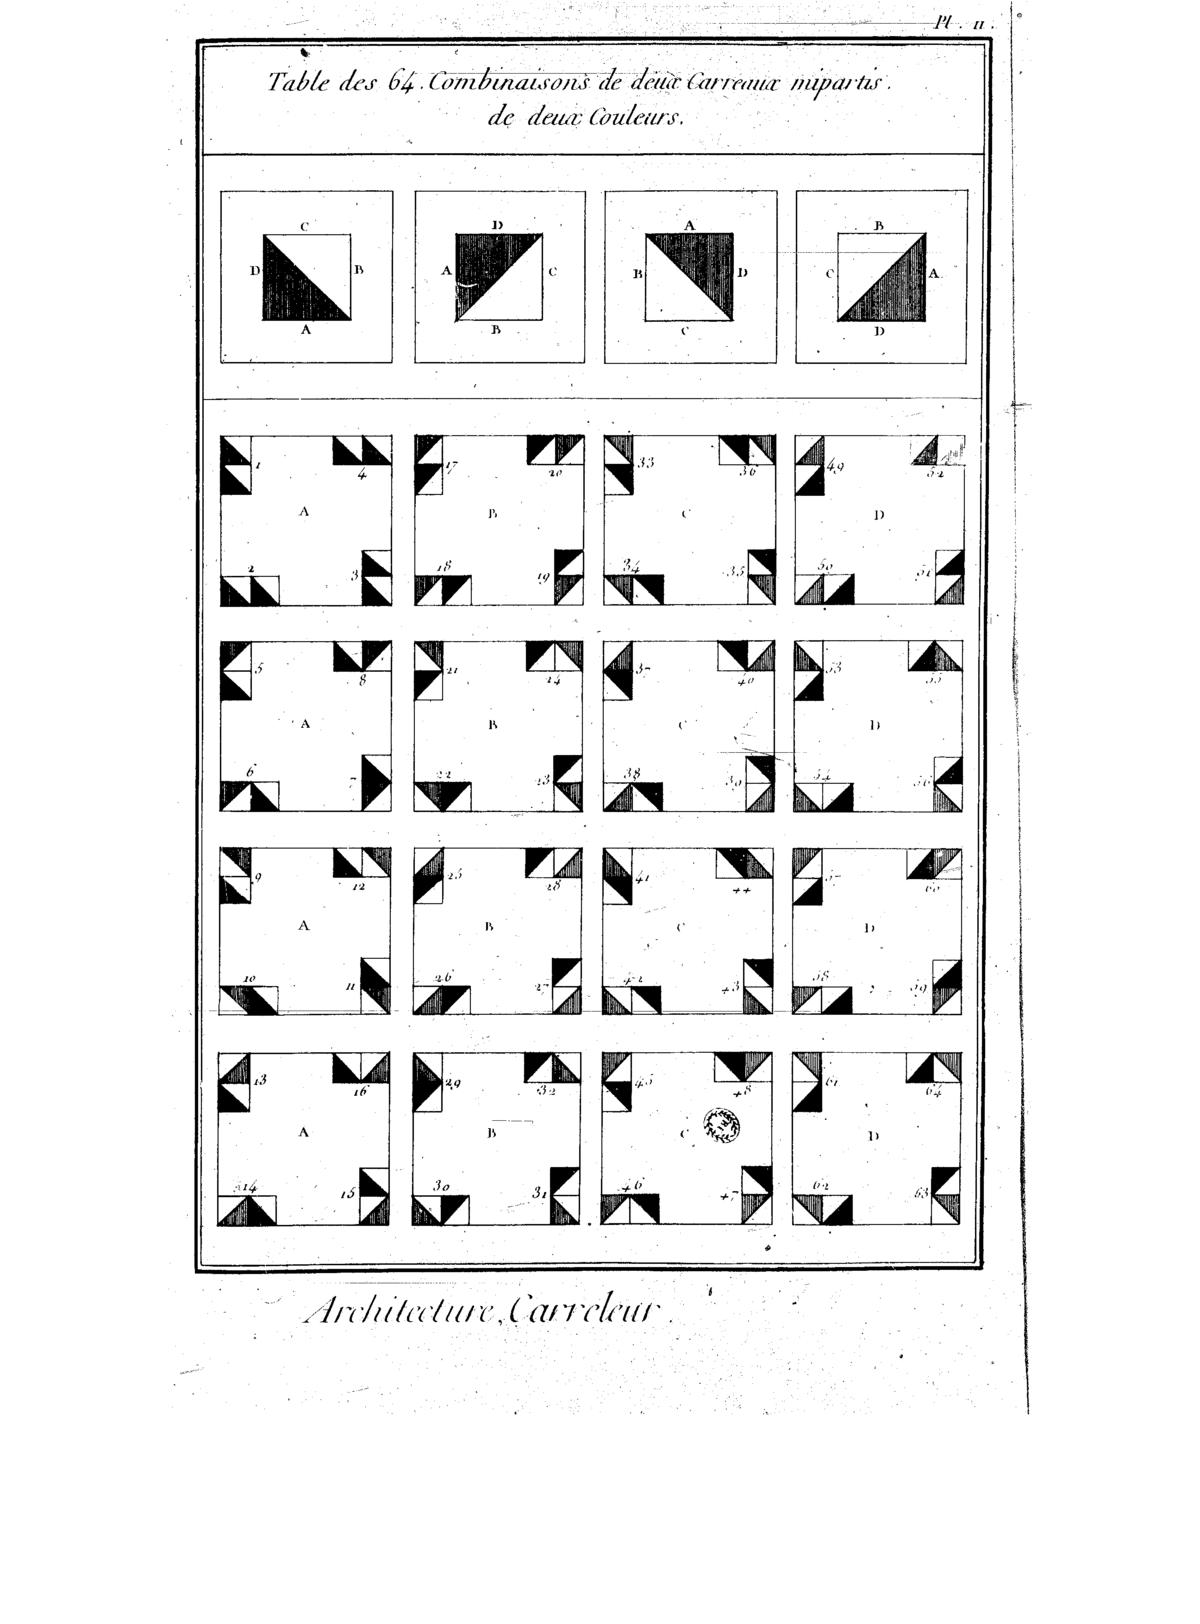 Combinatoire Wikipedia